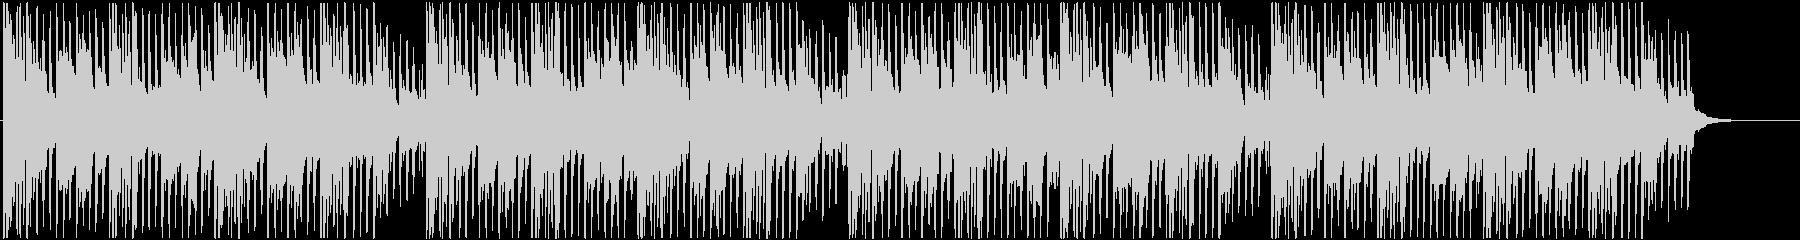 ポップ系 ピアノとアコギの爽やか四つ打ちの未再生の波形